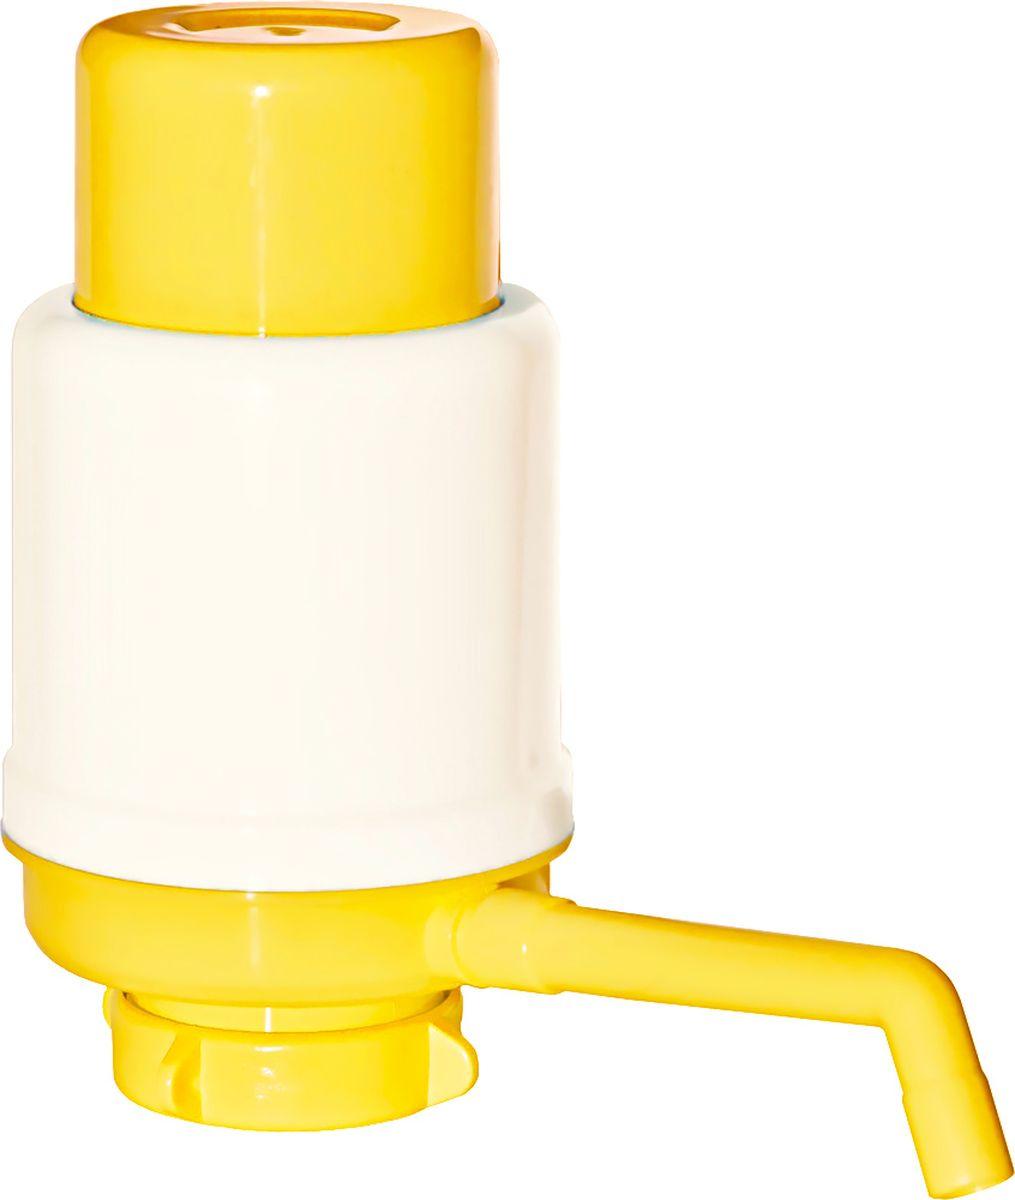 Помпа для воды Aqua Work Дельфин Эко, Yellow Aqua Work